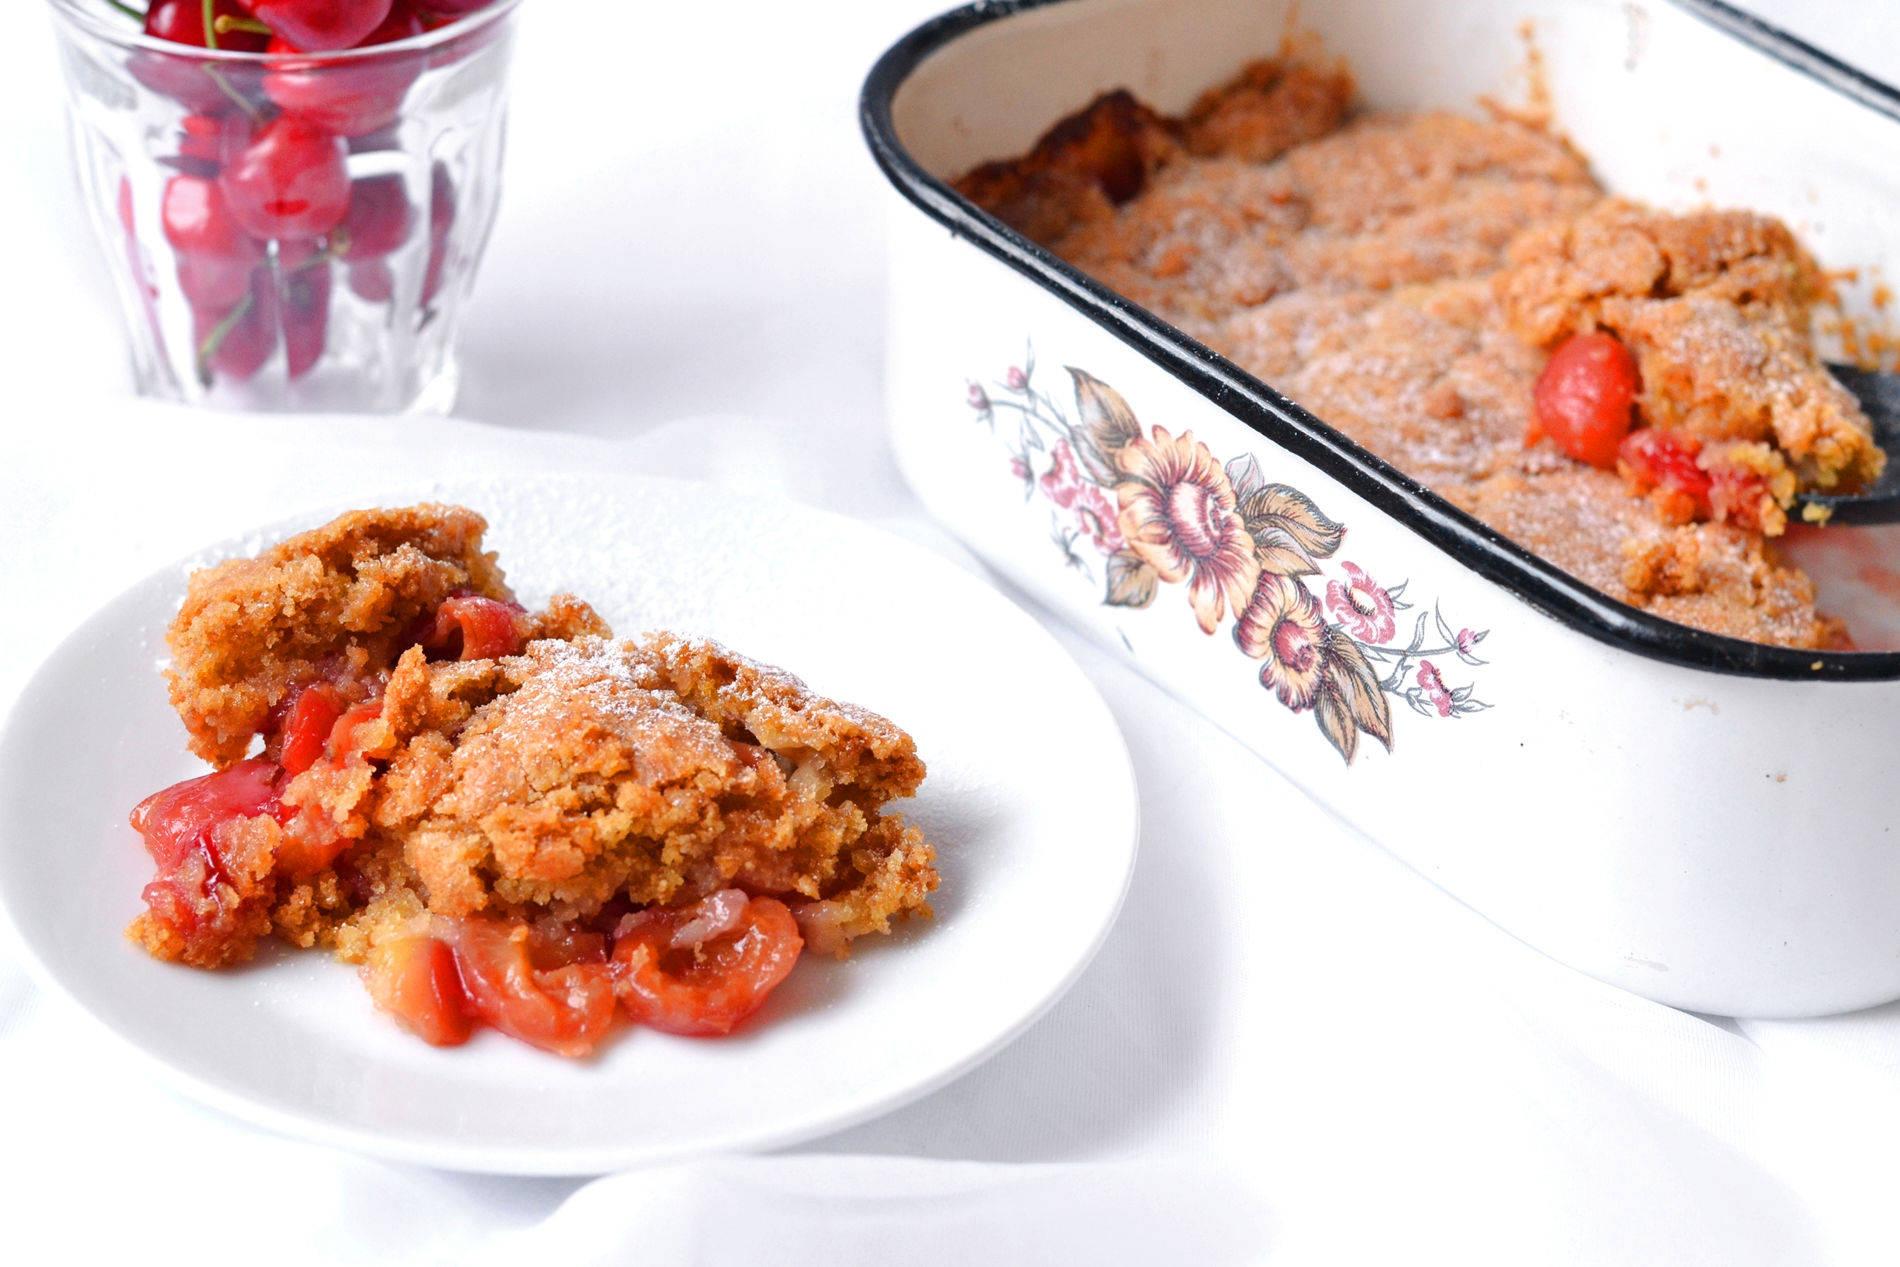 Cseresznyés cobbler recept főfotó